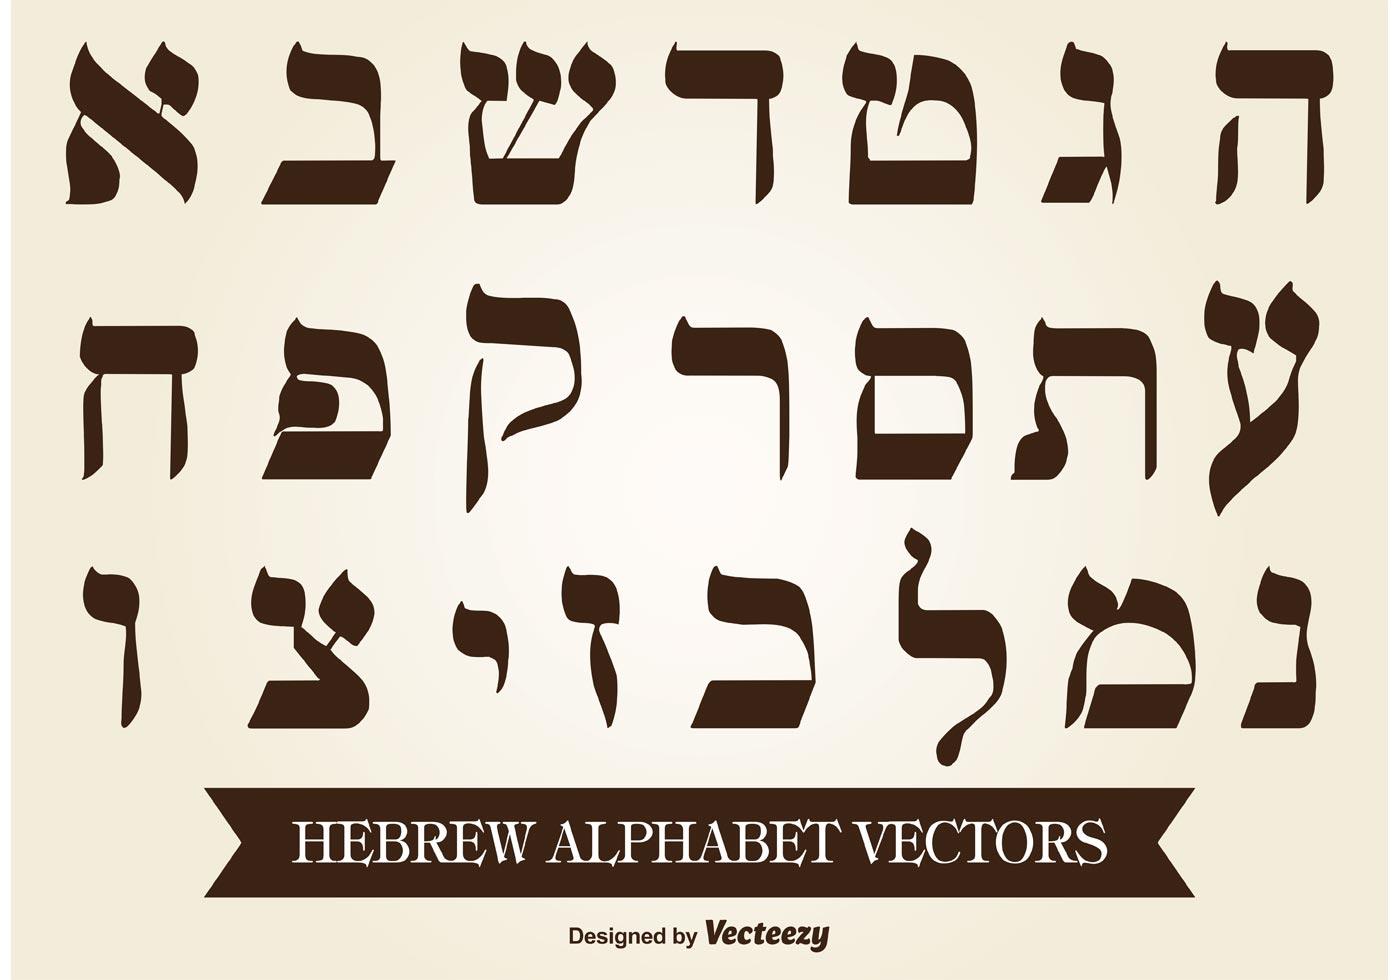 Hebrew Alphabet Vector